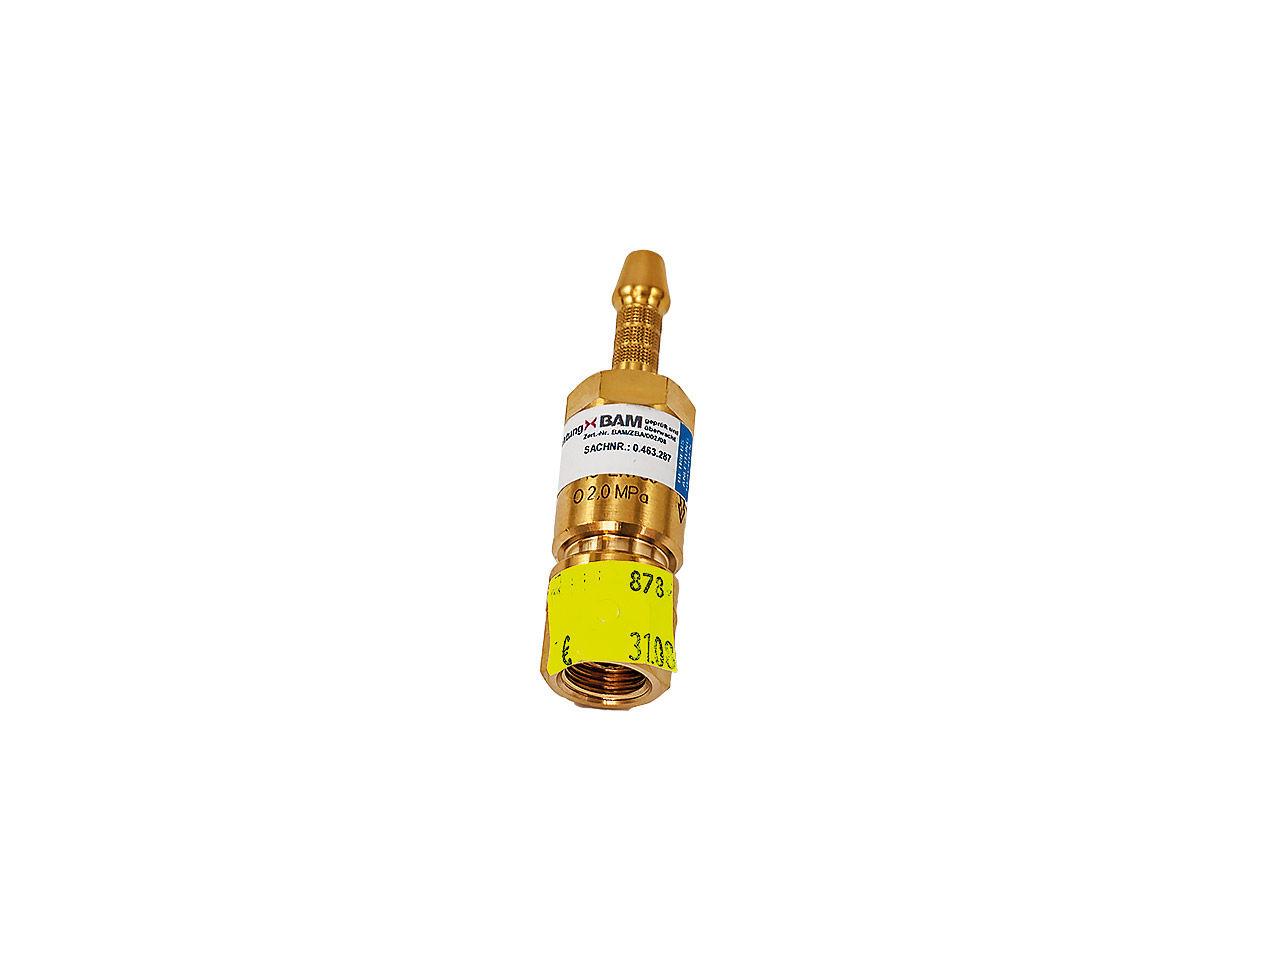 Poistka GT 91 1/4 kyslík s hadičníkom 9 mm